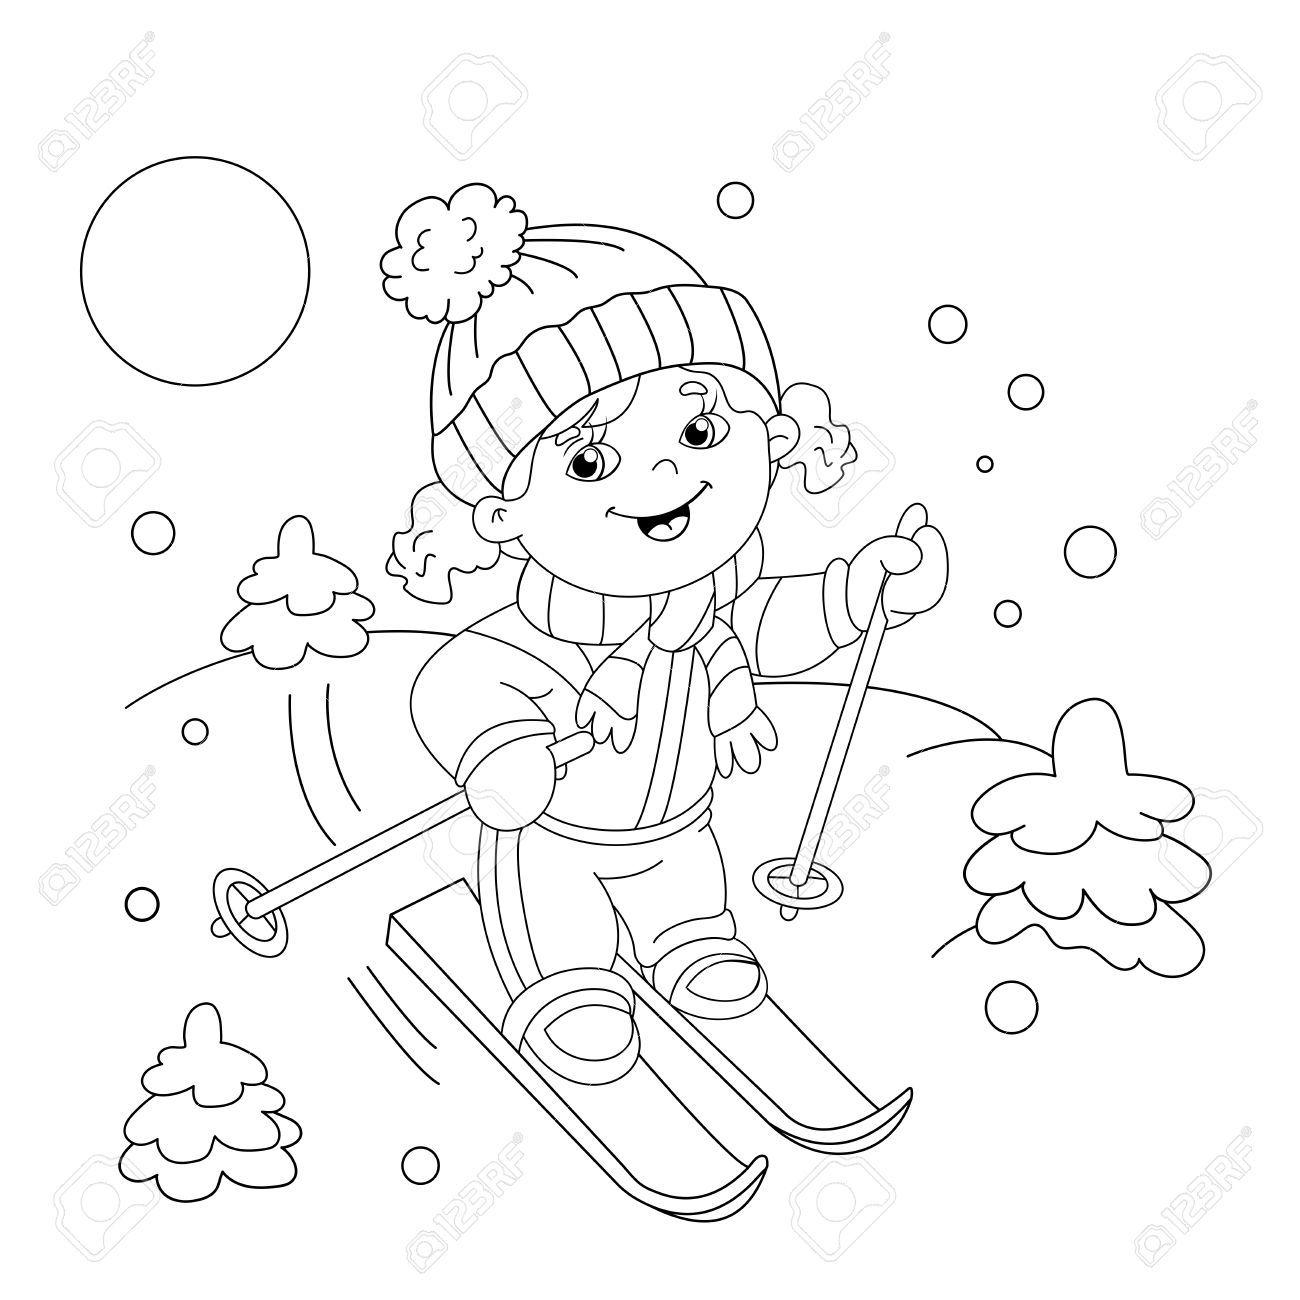 Pagina Para Colorear Esquema De Dibujos Animados Chica Cabalgando Sobre Esquis Deportes De Invierno Libro De Colorear Para Ninos Dibujos De Invierno Deportes De Invierno Dibujos